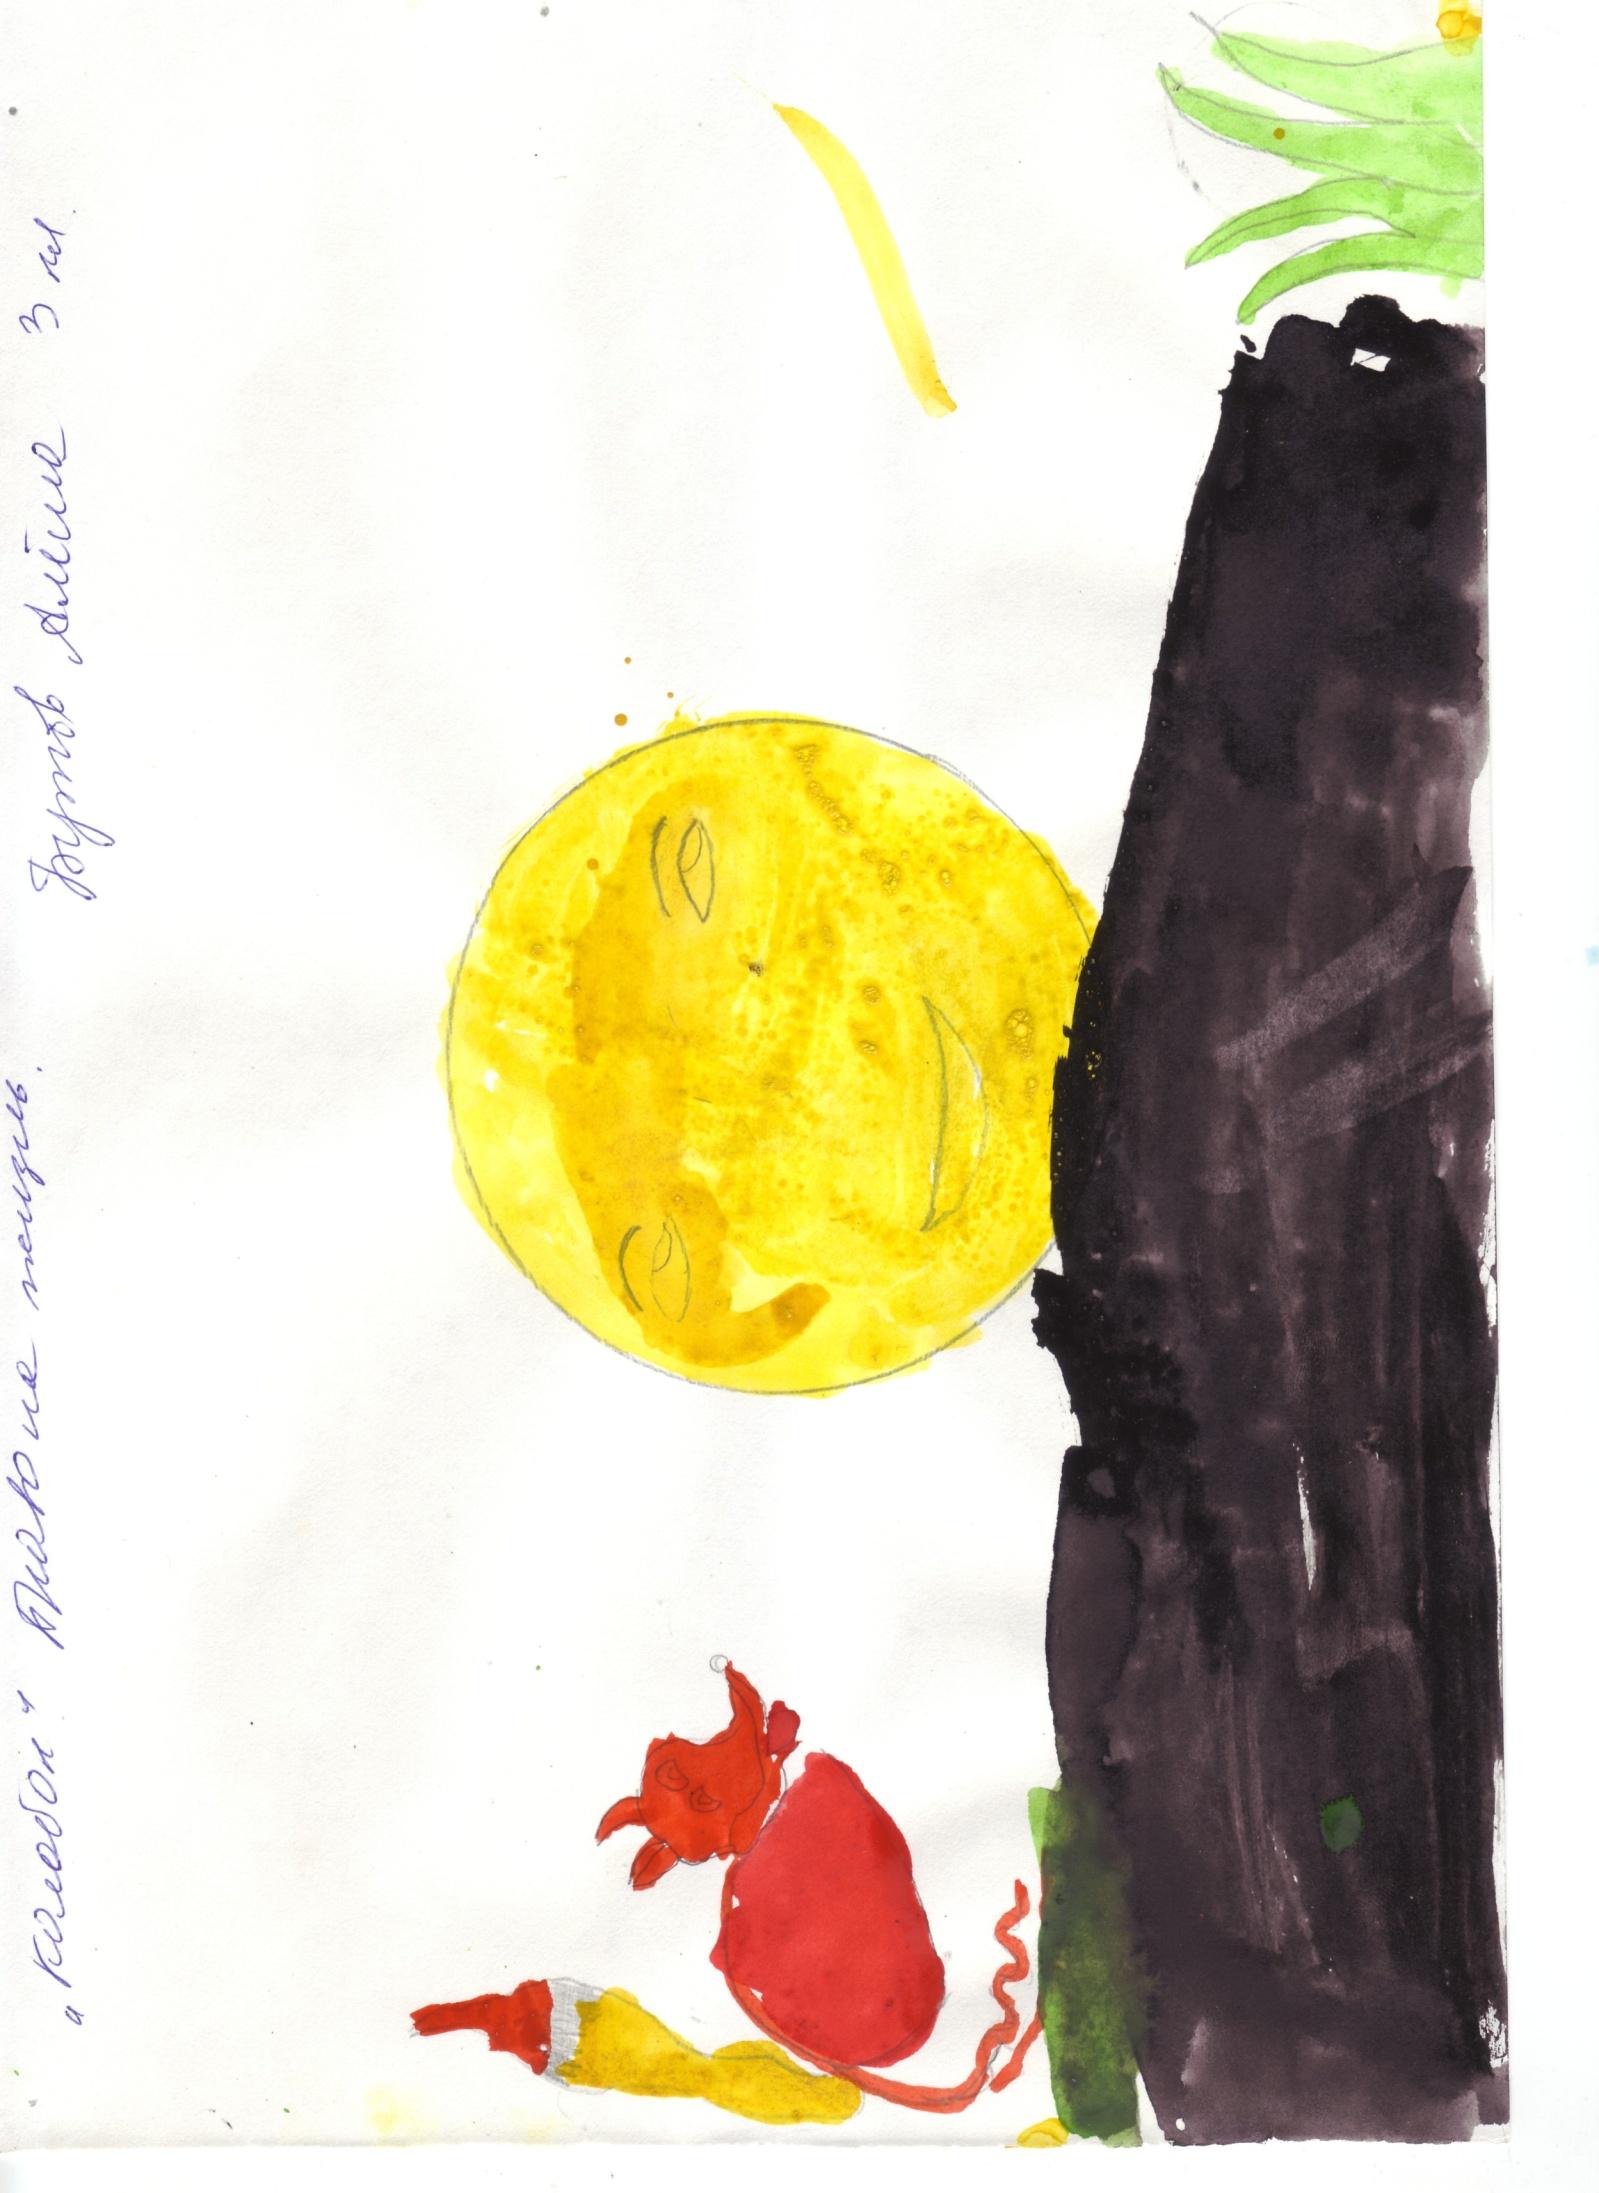 C:\Documents and Settings\maycomp\Мои документы\Мои рисунки\2013-12-06\5.jpg